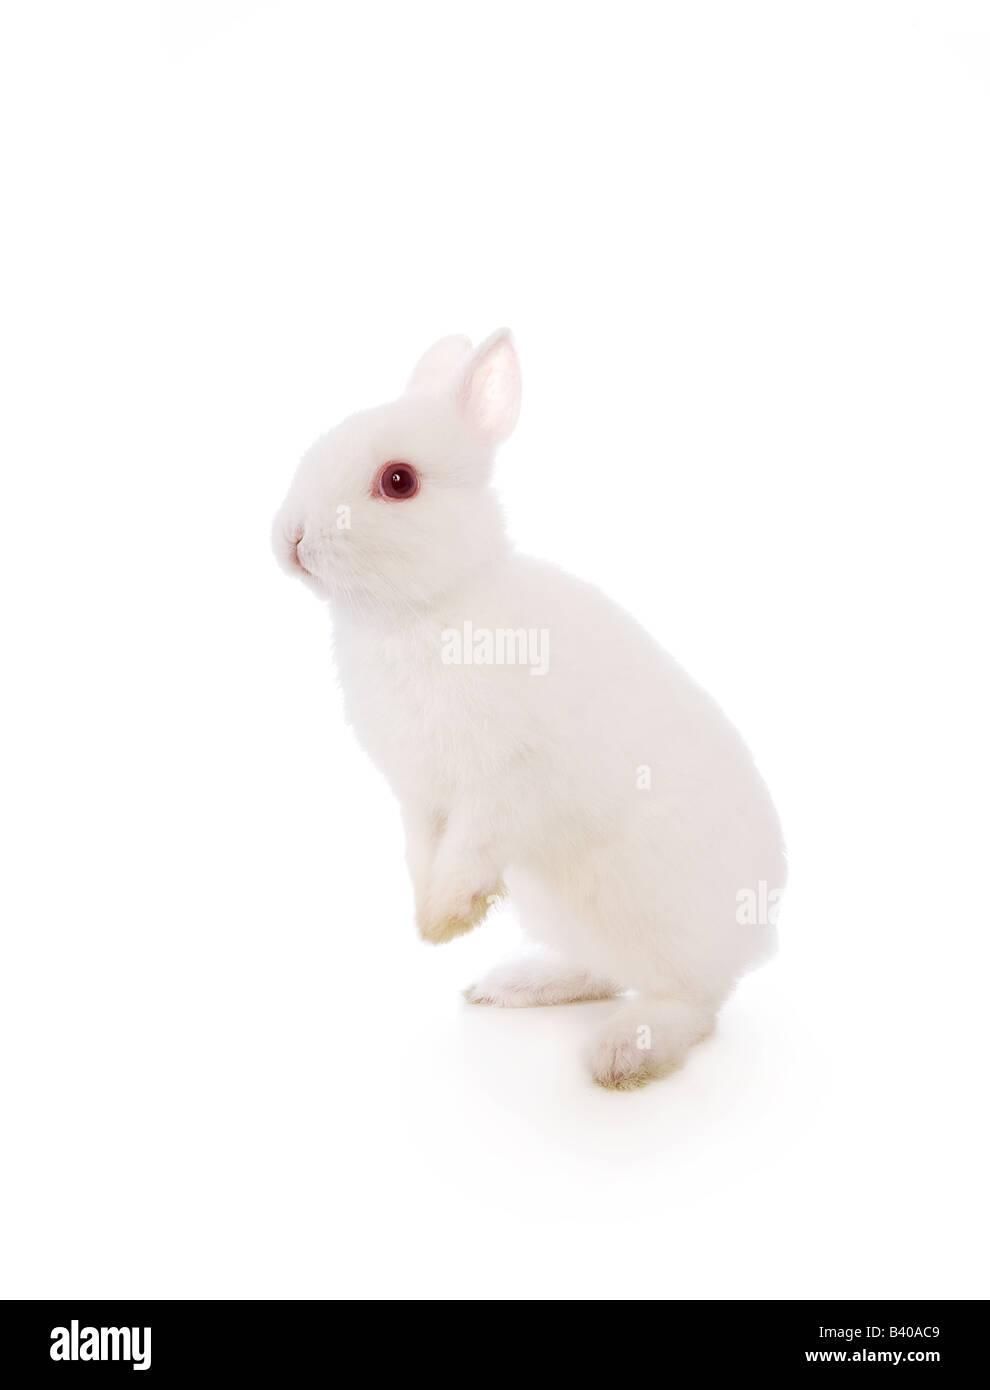 Cute white Netherland Dwarf bunny rabbit isolated - Stock Image